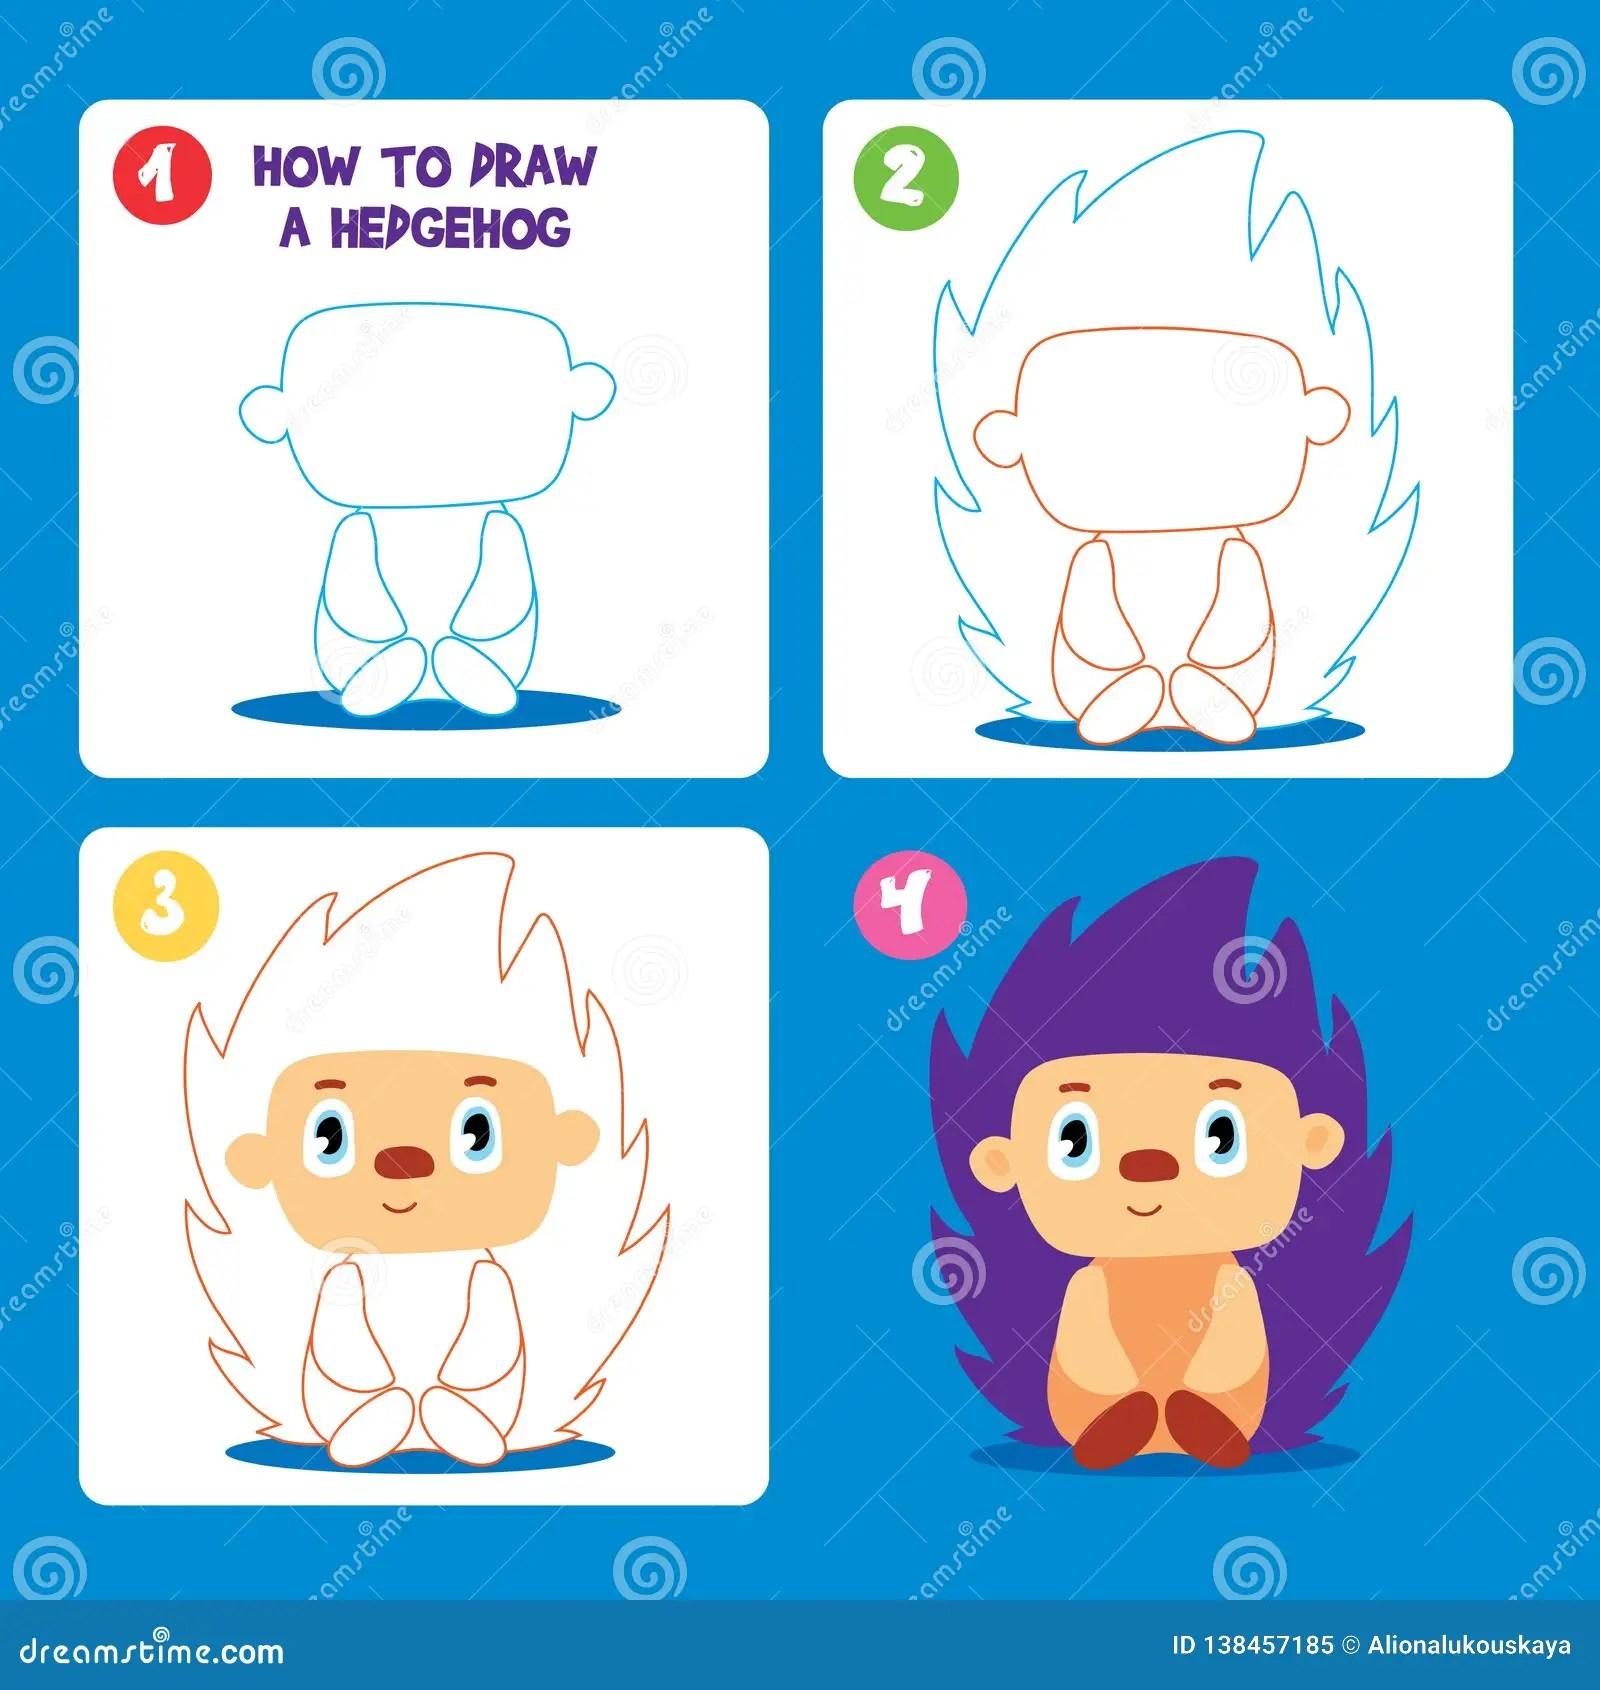 Drawing Game Step Tutorial Hedgehog Worksheet Cartoon